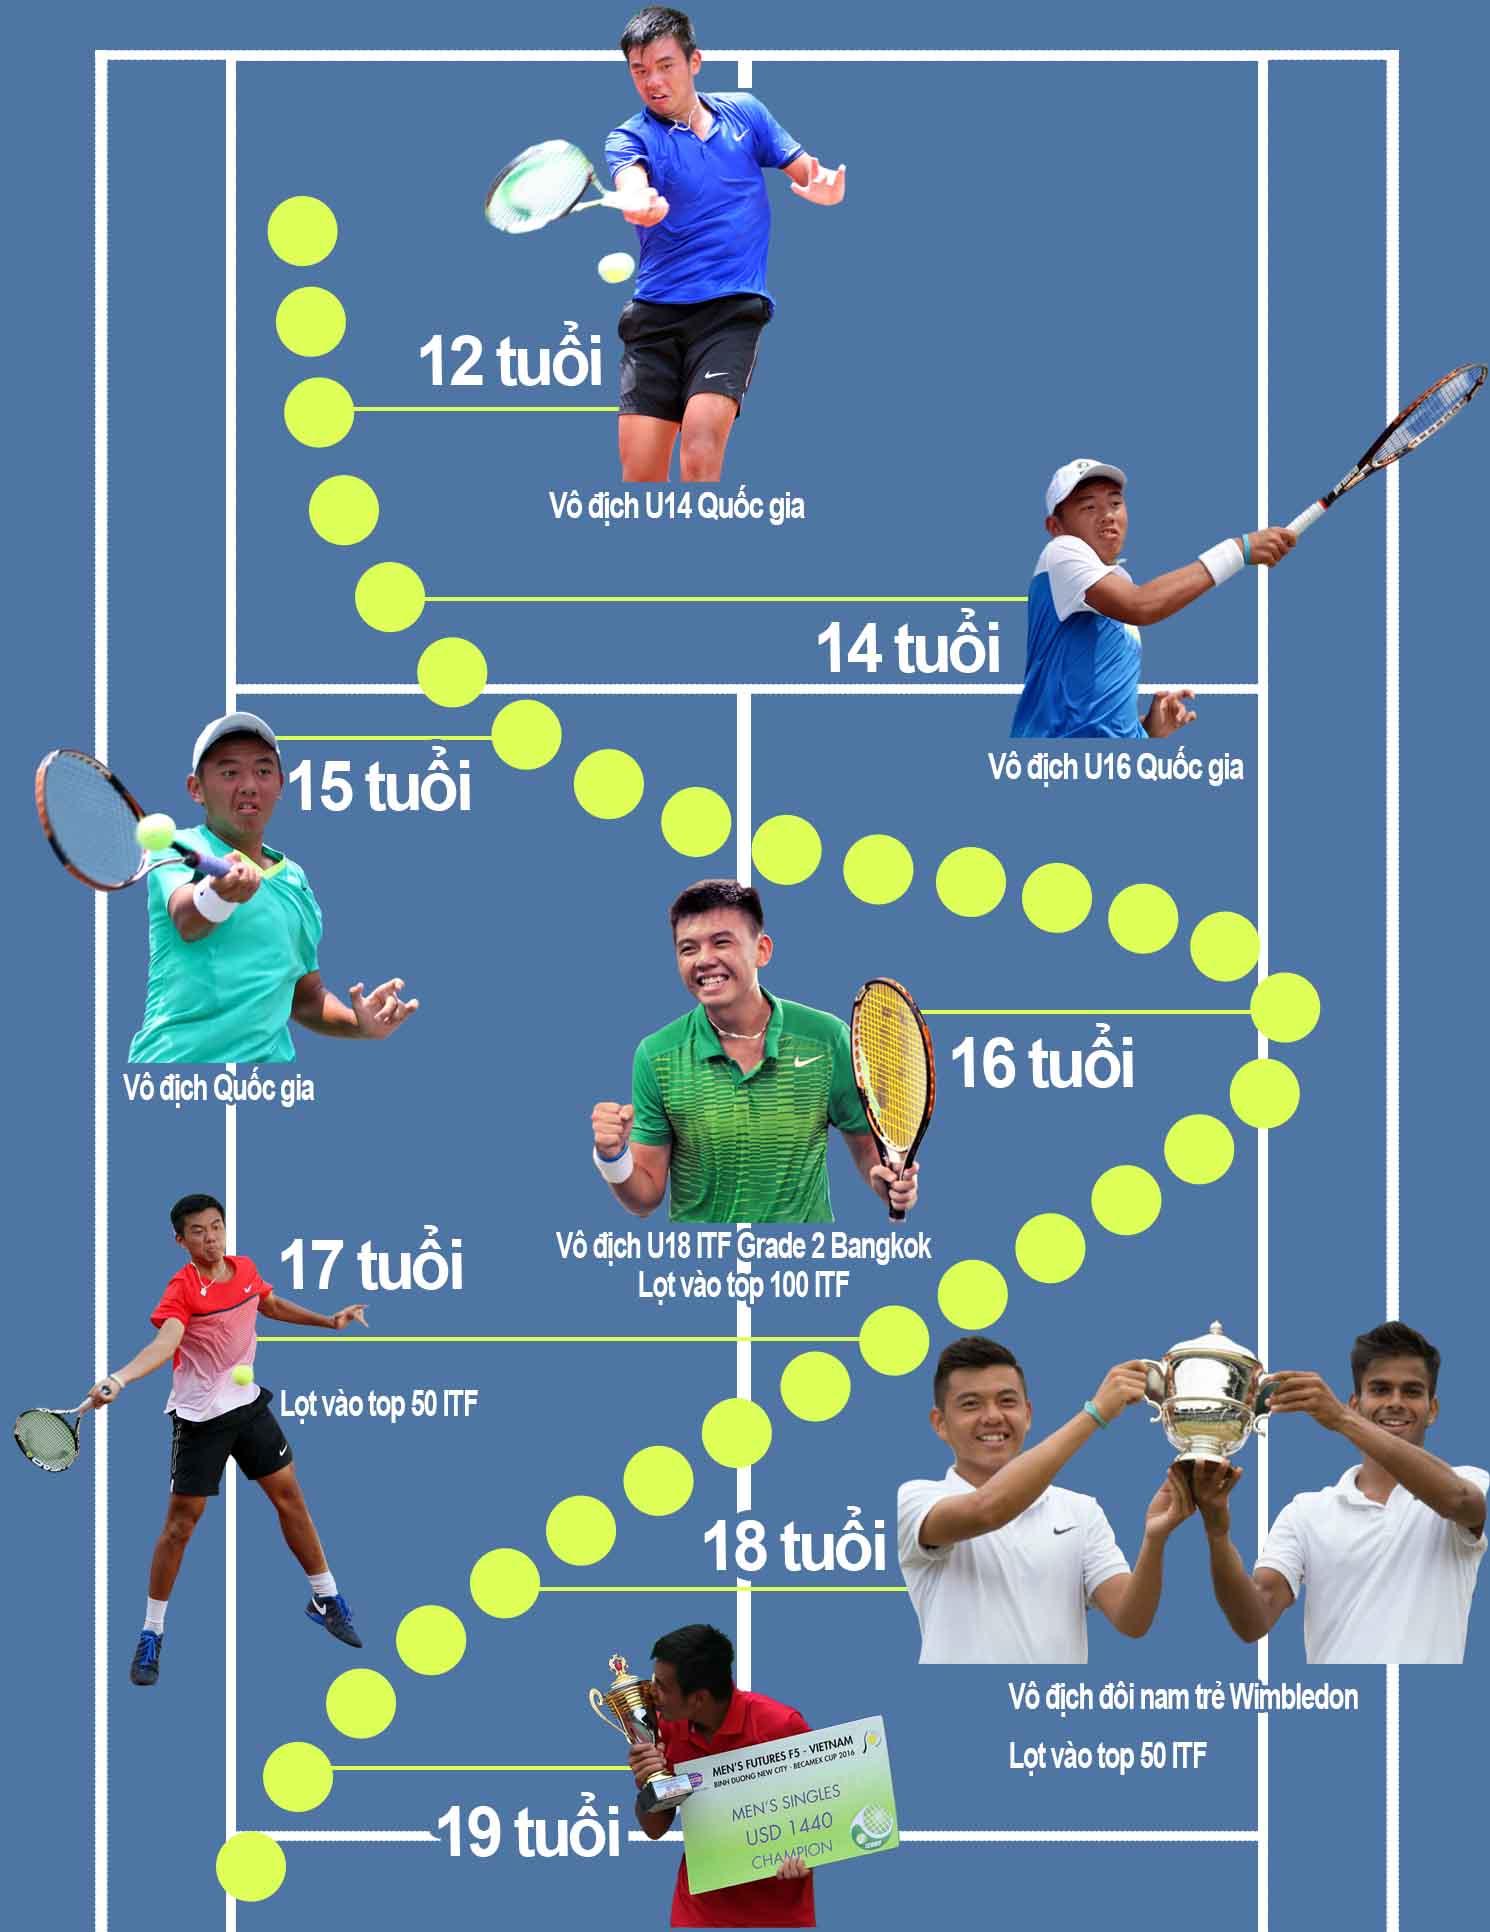 Lý Hoàng Nam lọt top 500 thế giới: Huyền thoại tennis tuổi 20 - 2